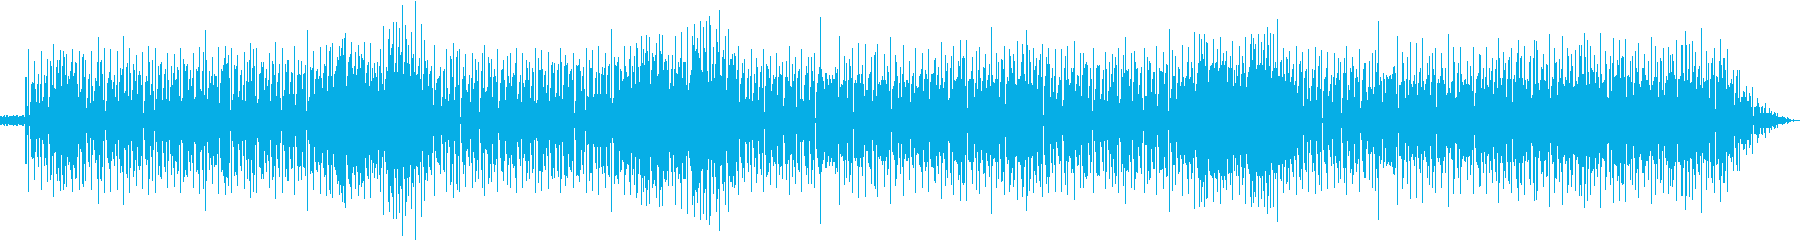 イケイケ、ちょい悪の再生済みの波形